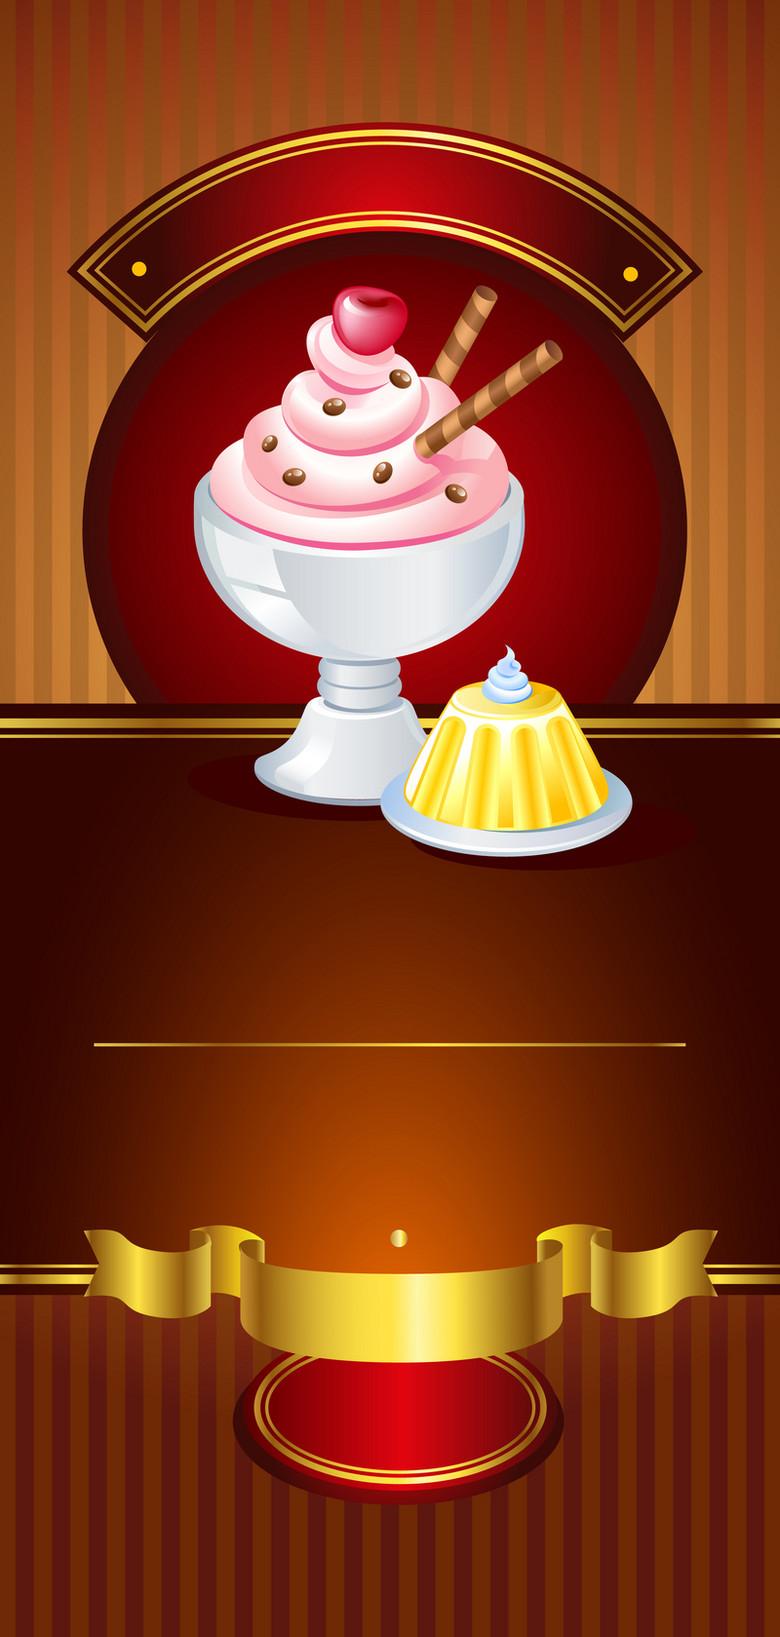 西餐厅蛋糕果冻欧式海报背景